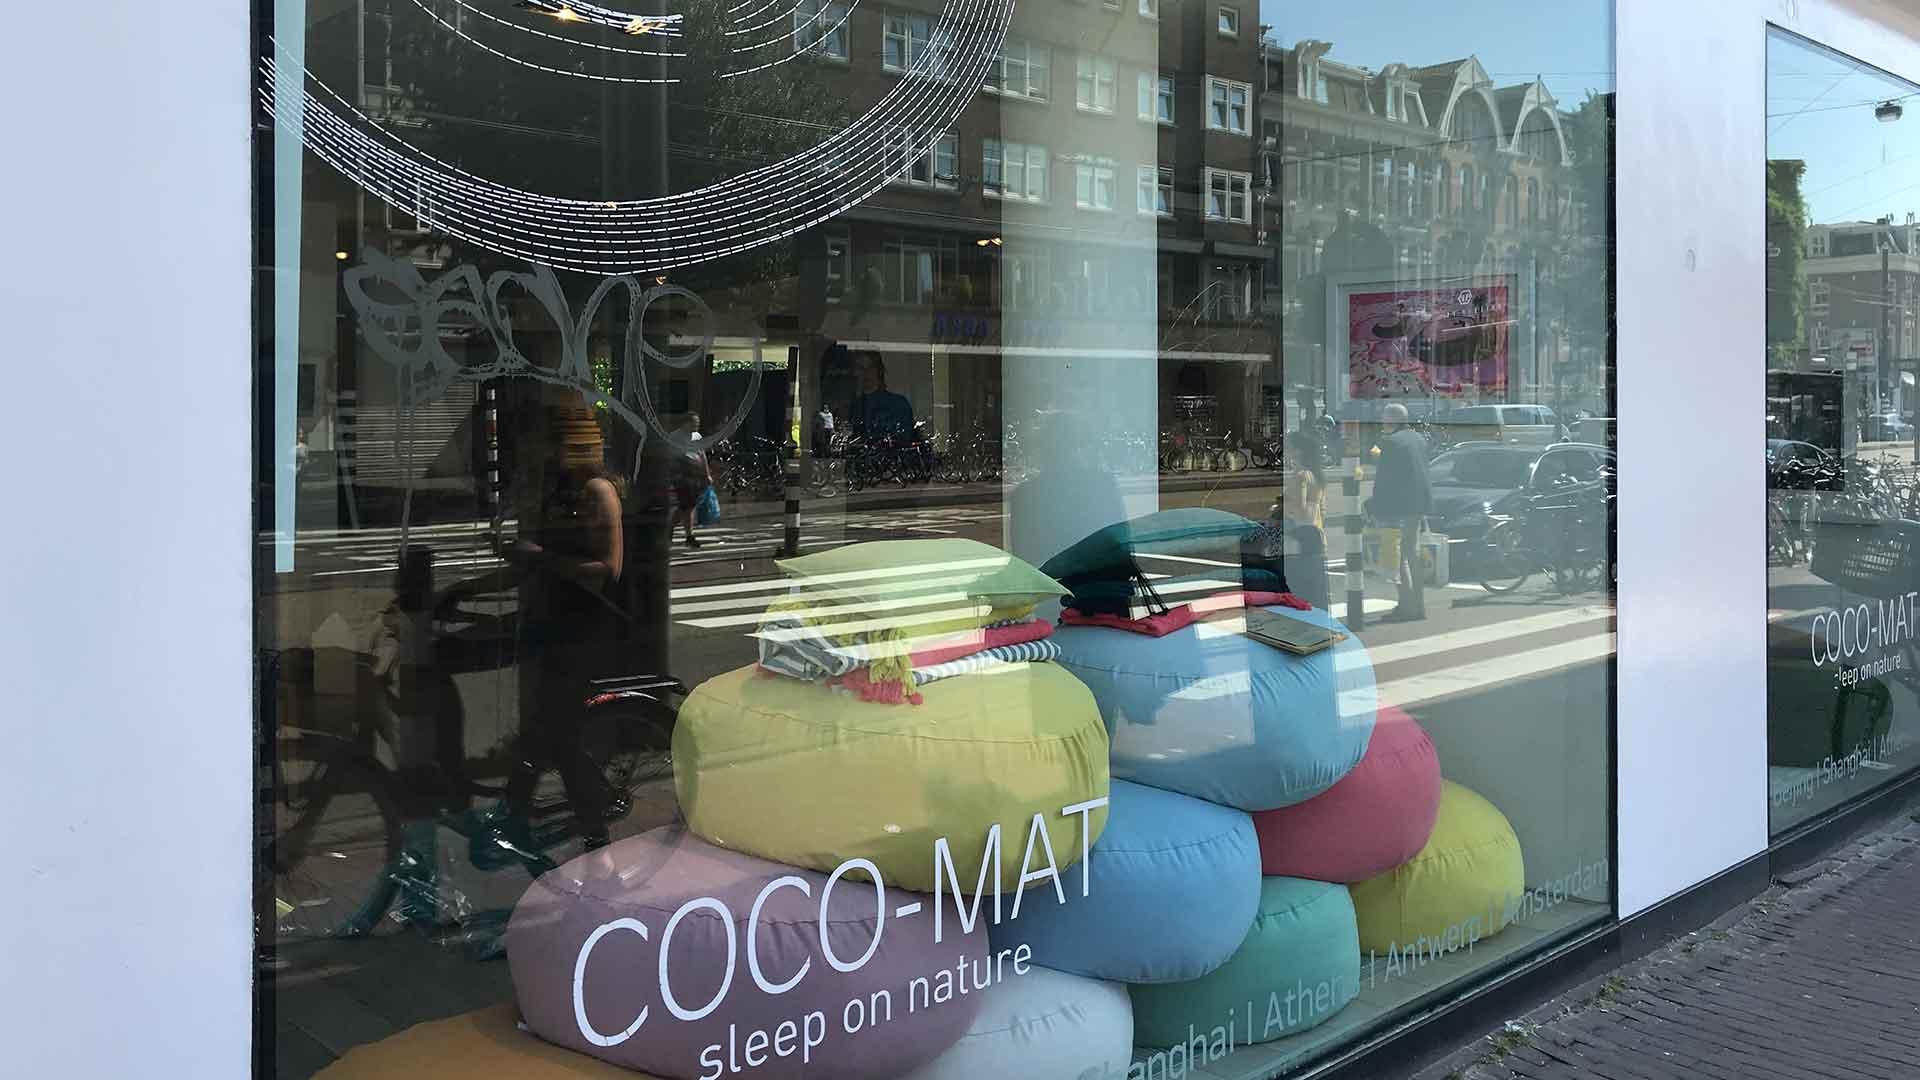 オランダのアムステルダムのココマットのお店の画像